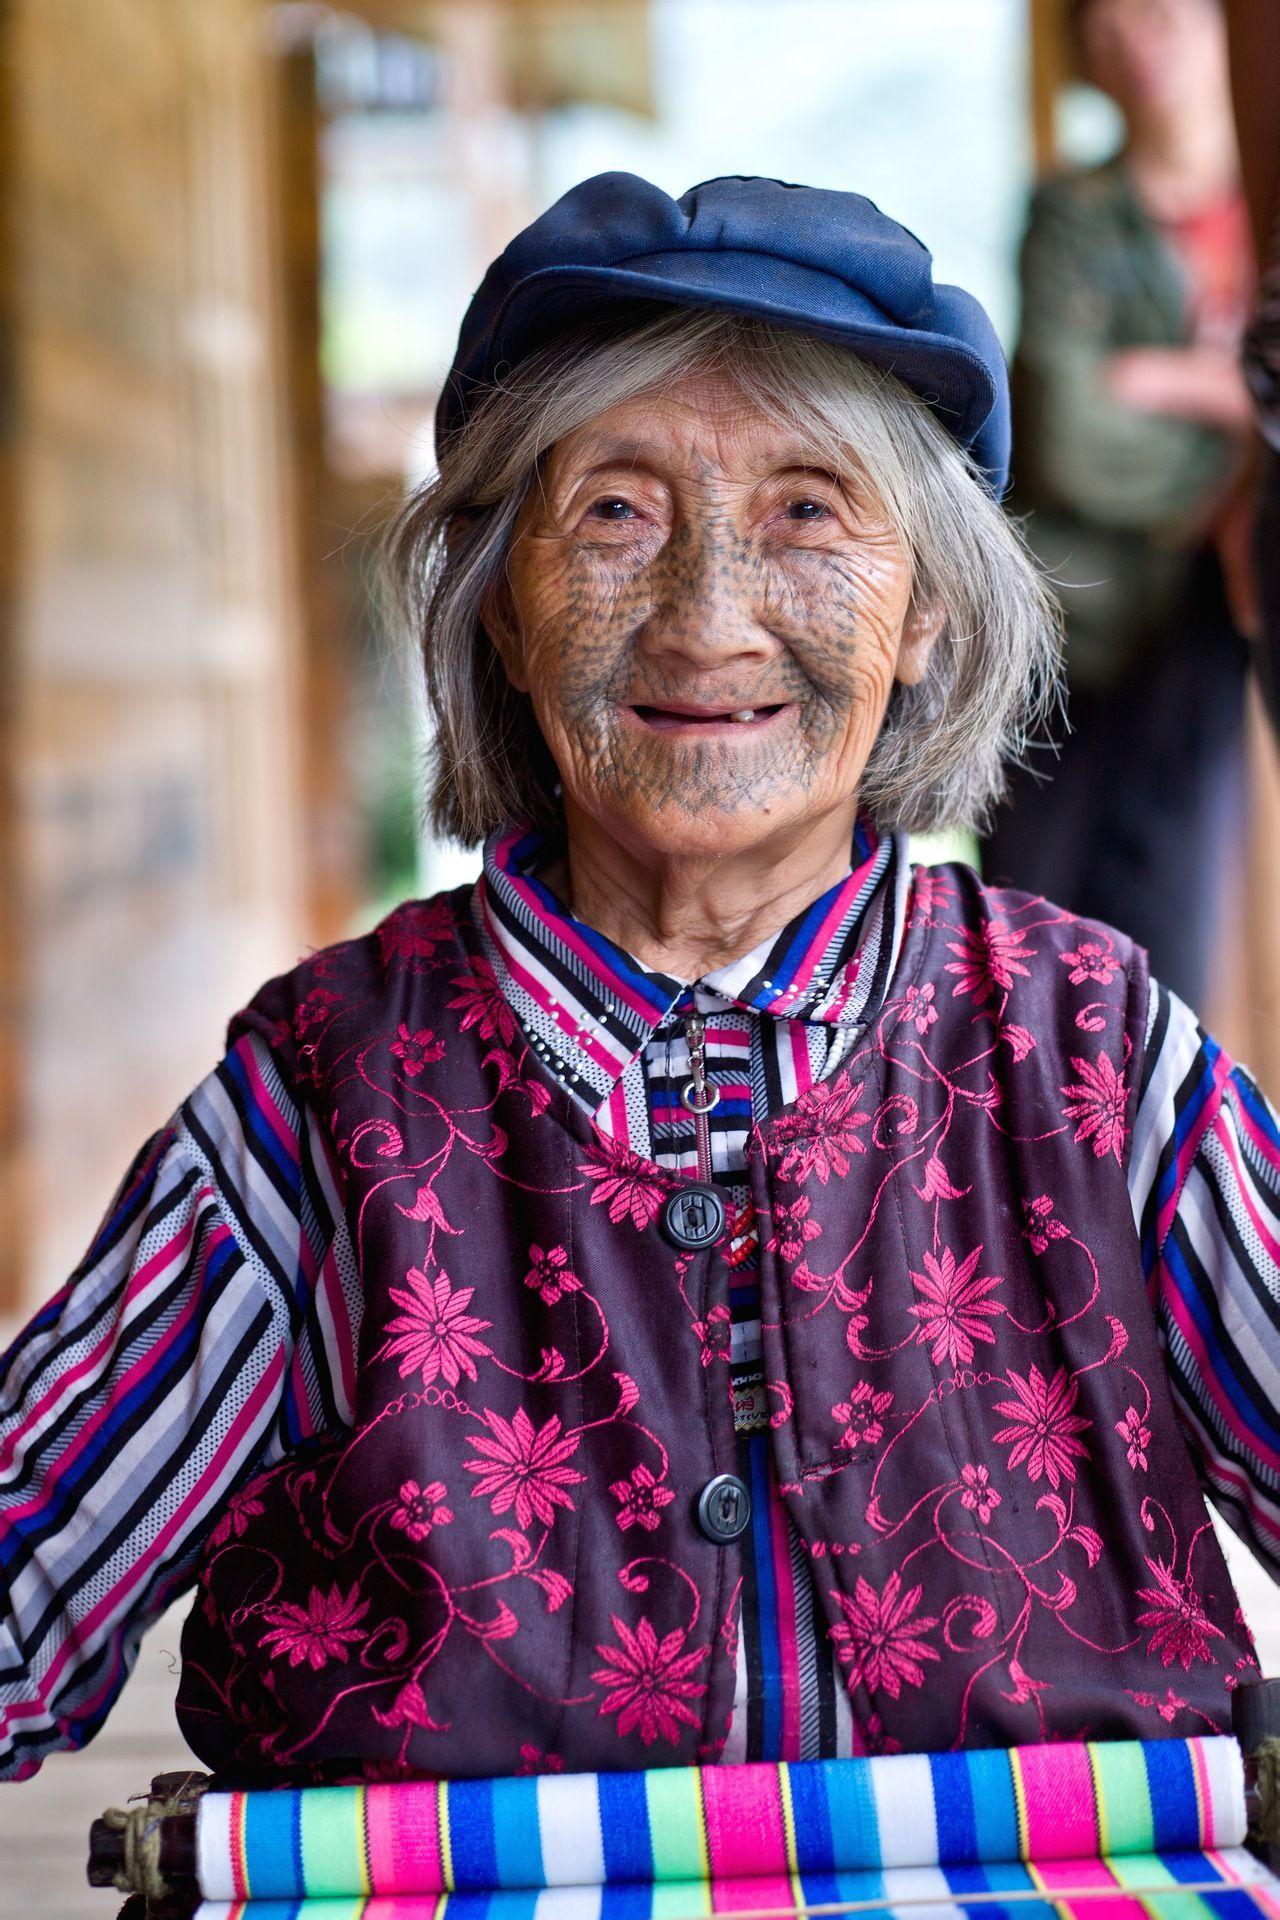 美女生活照片一个人的多张四十岁的